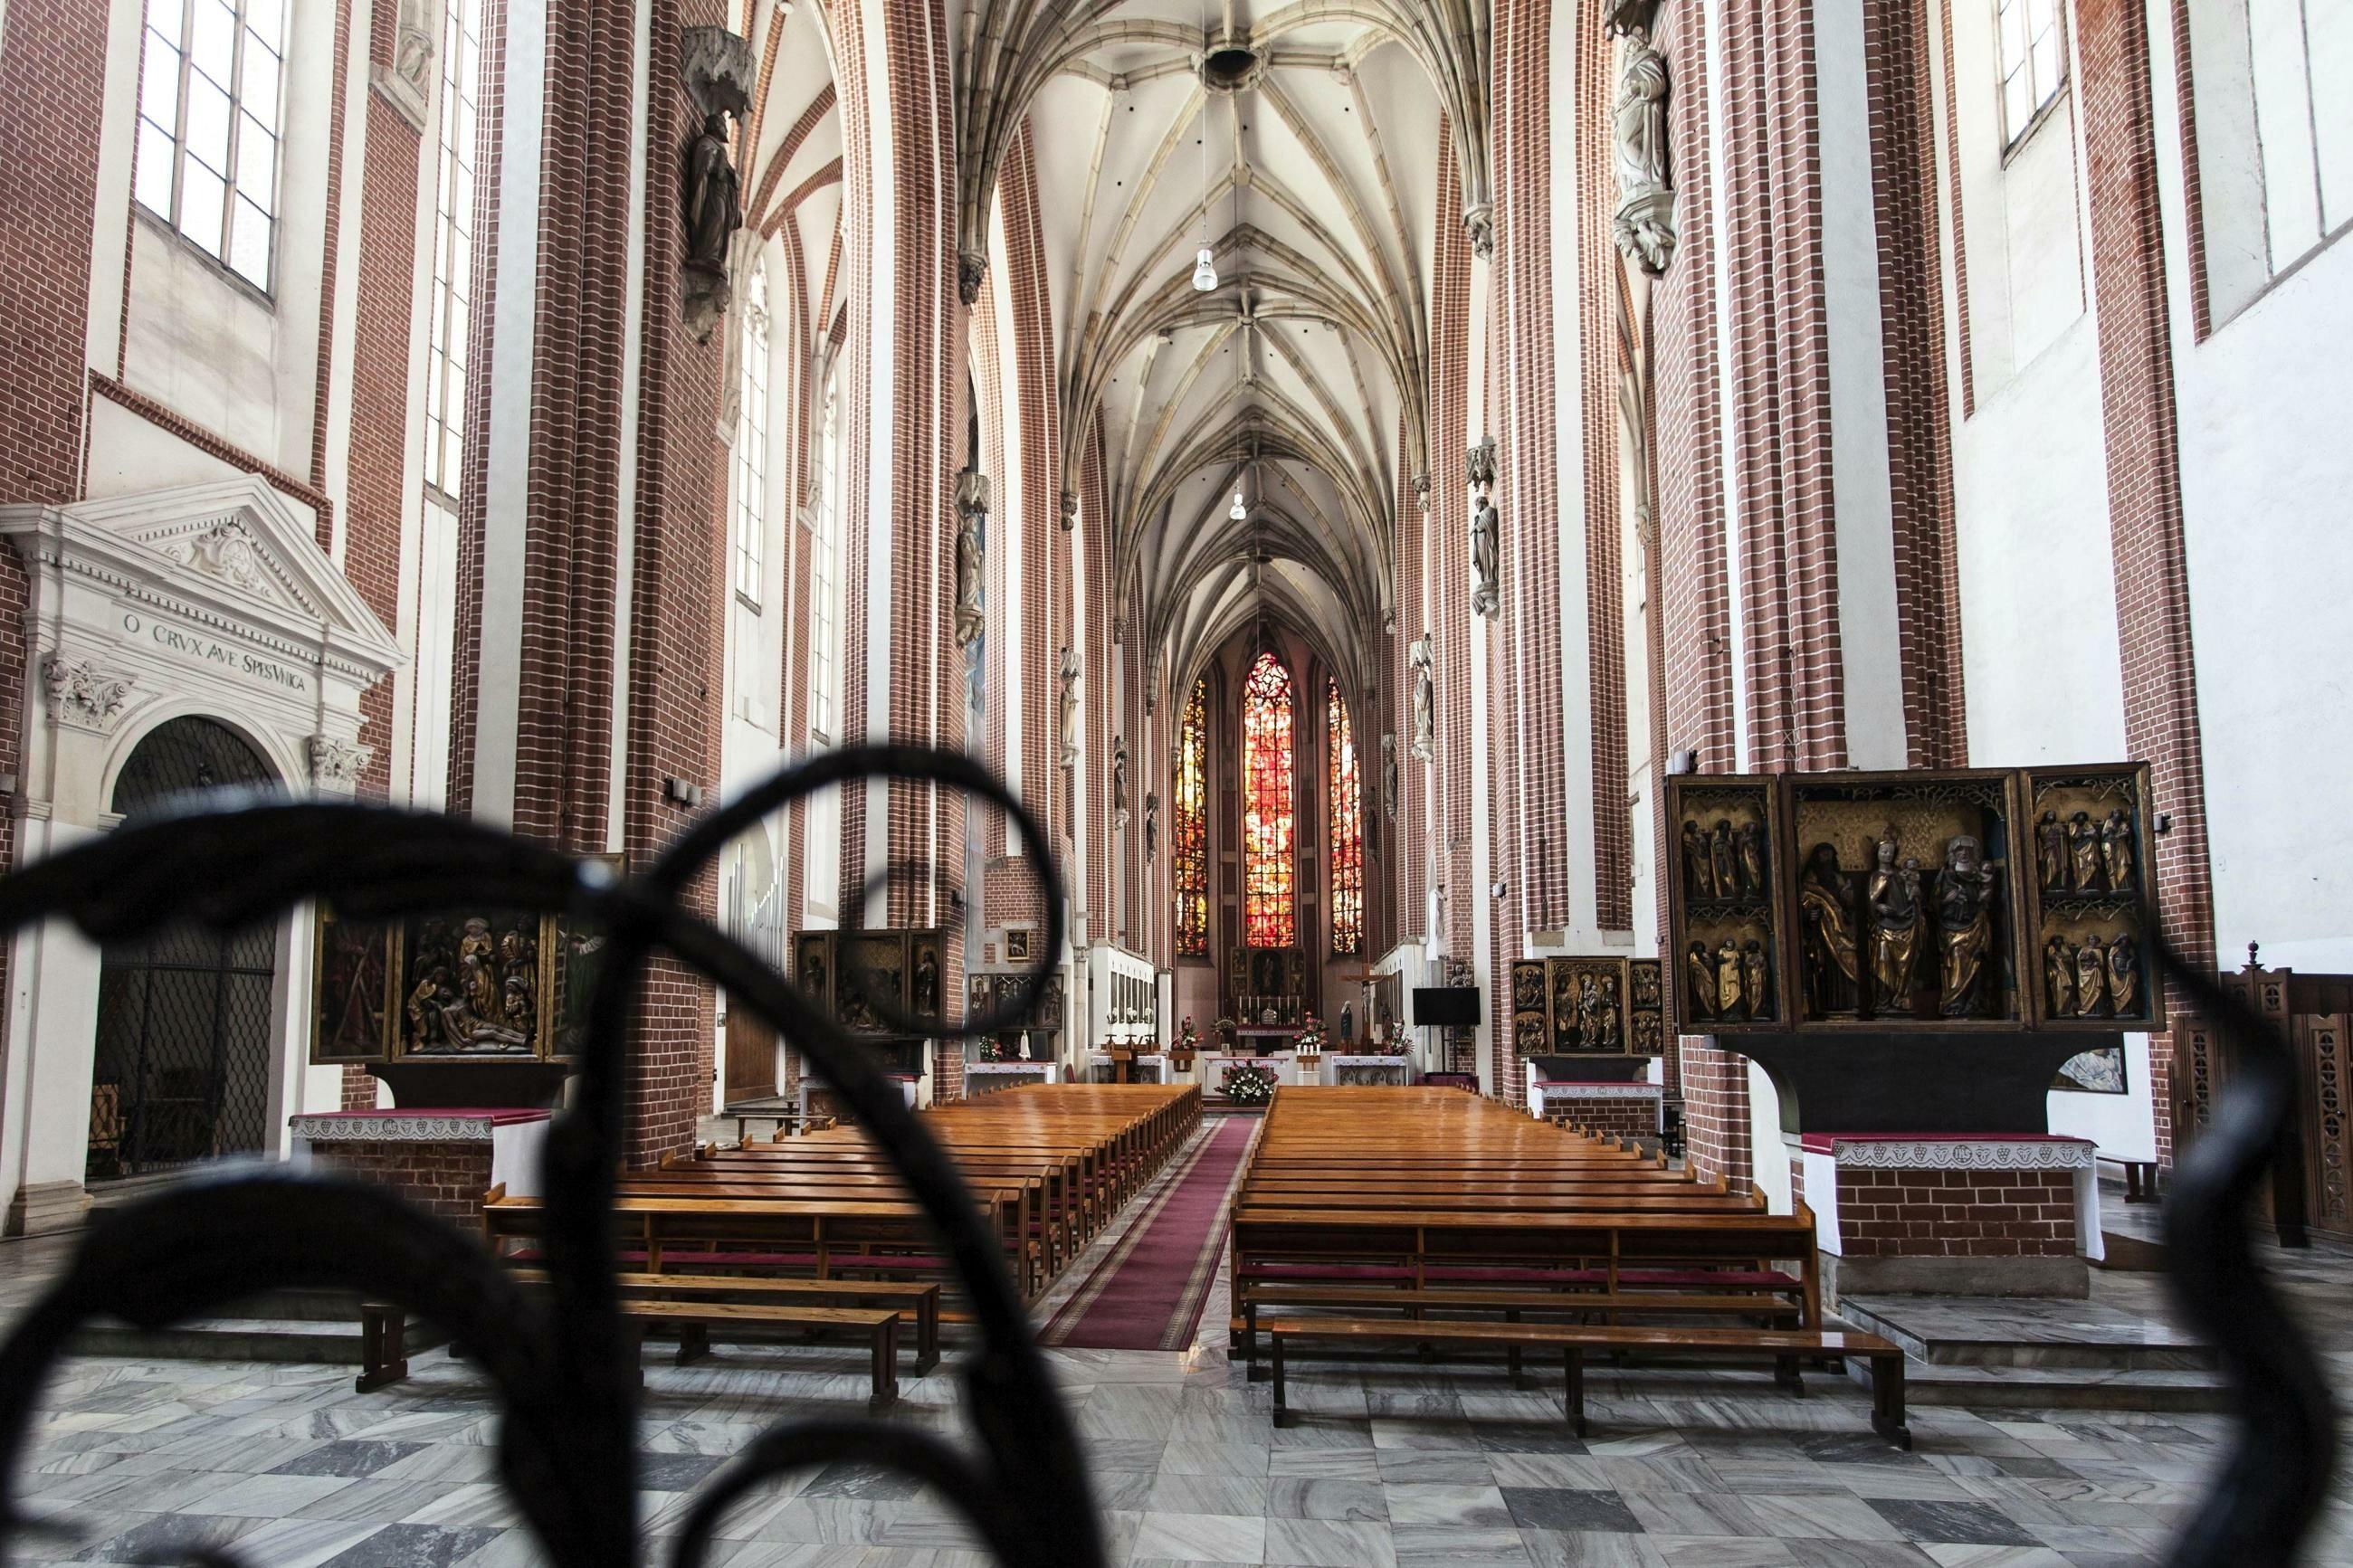 Kościół pw. Najświętszej Marii Panny we Wrocławiu, gdzie doszło do ataku na księdza